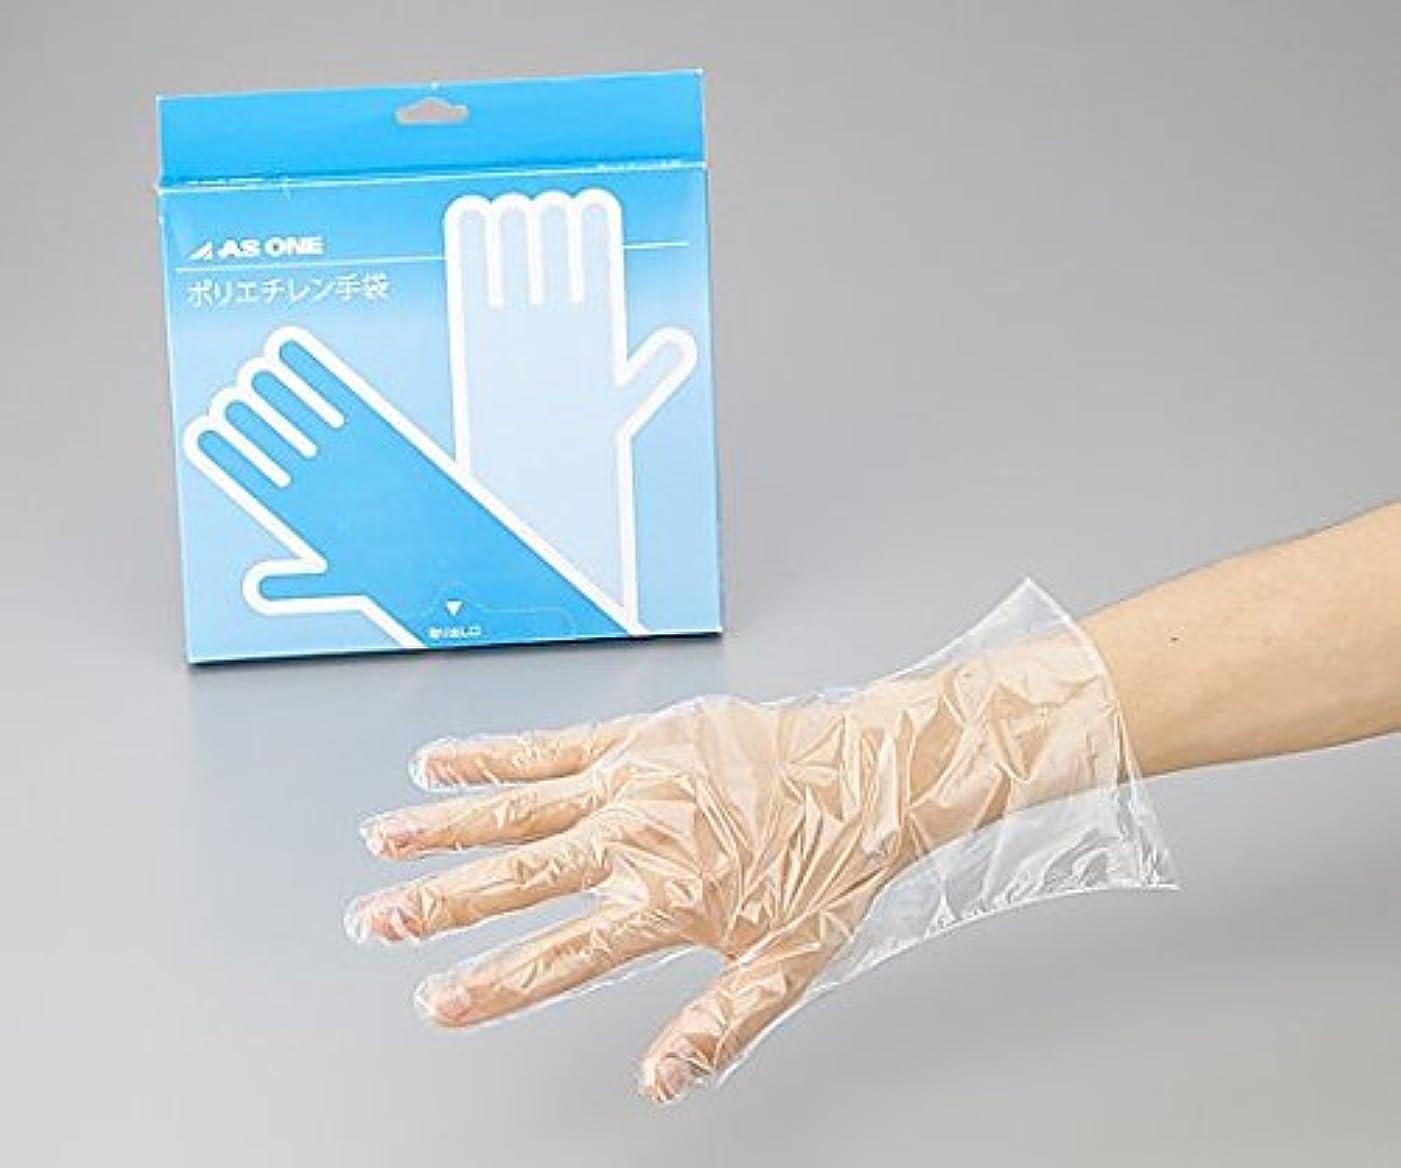 アミューズメントどんよりしたアグネスグレイアズワン2-4974-03ポリエチレン手袋ヘビー厚手S100枚入